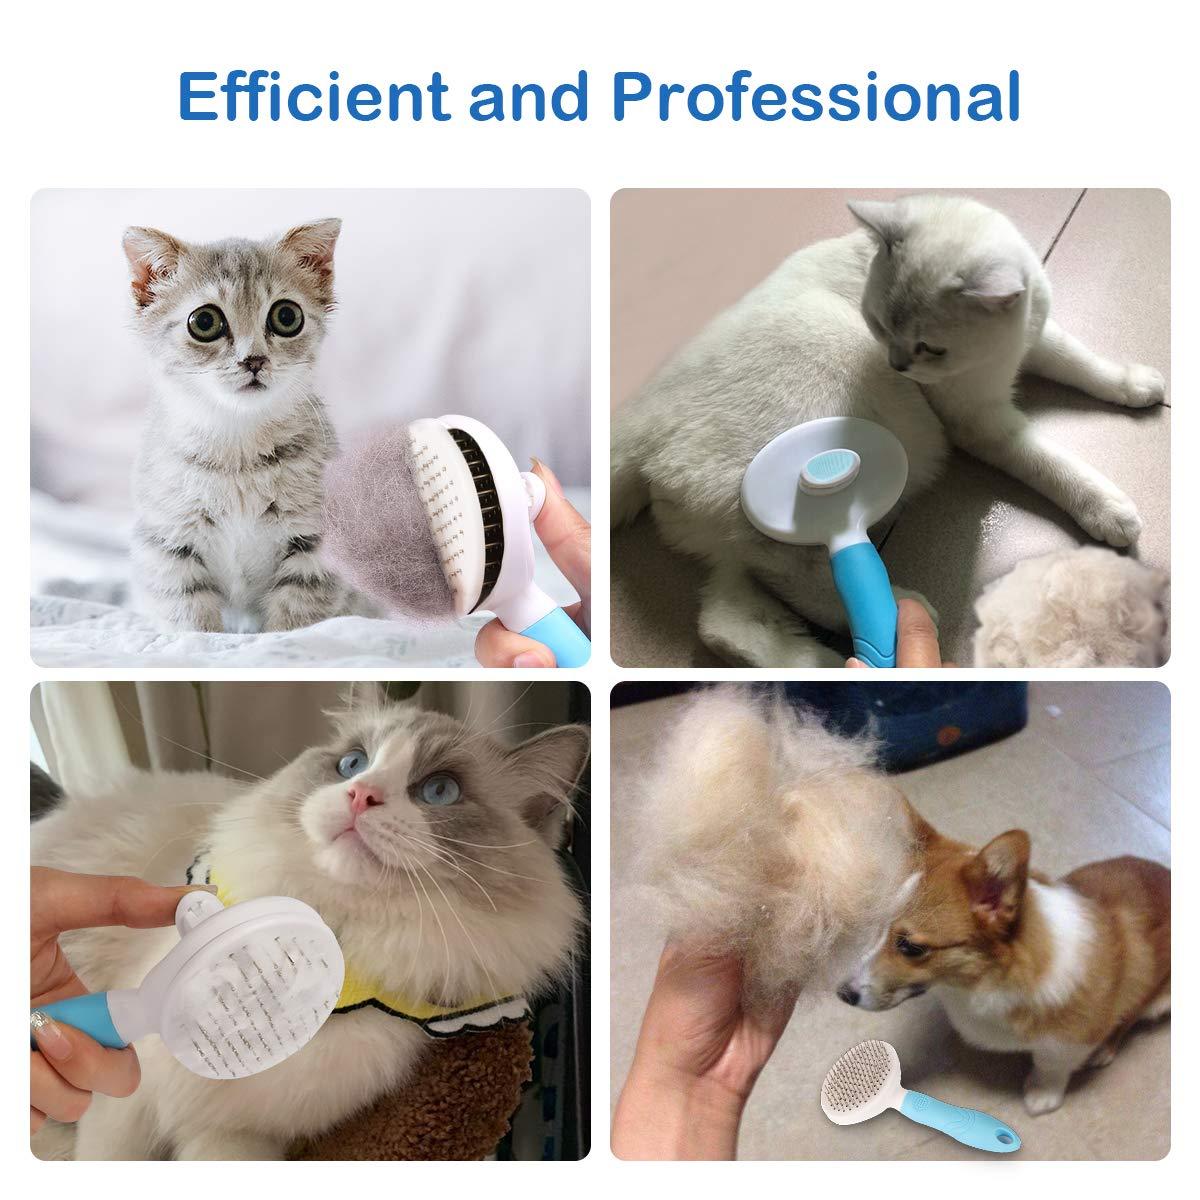 MENNYO Hundebürste, Katzenbürste, Selbstreinigende Unterfellbürste Hunde - 95% Abgestorbene Haare und Äste Entfernen, Hund/Katzen Kamm, Professionelles Furminator für langhaar/kurzhaar